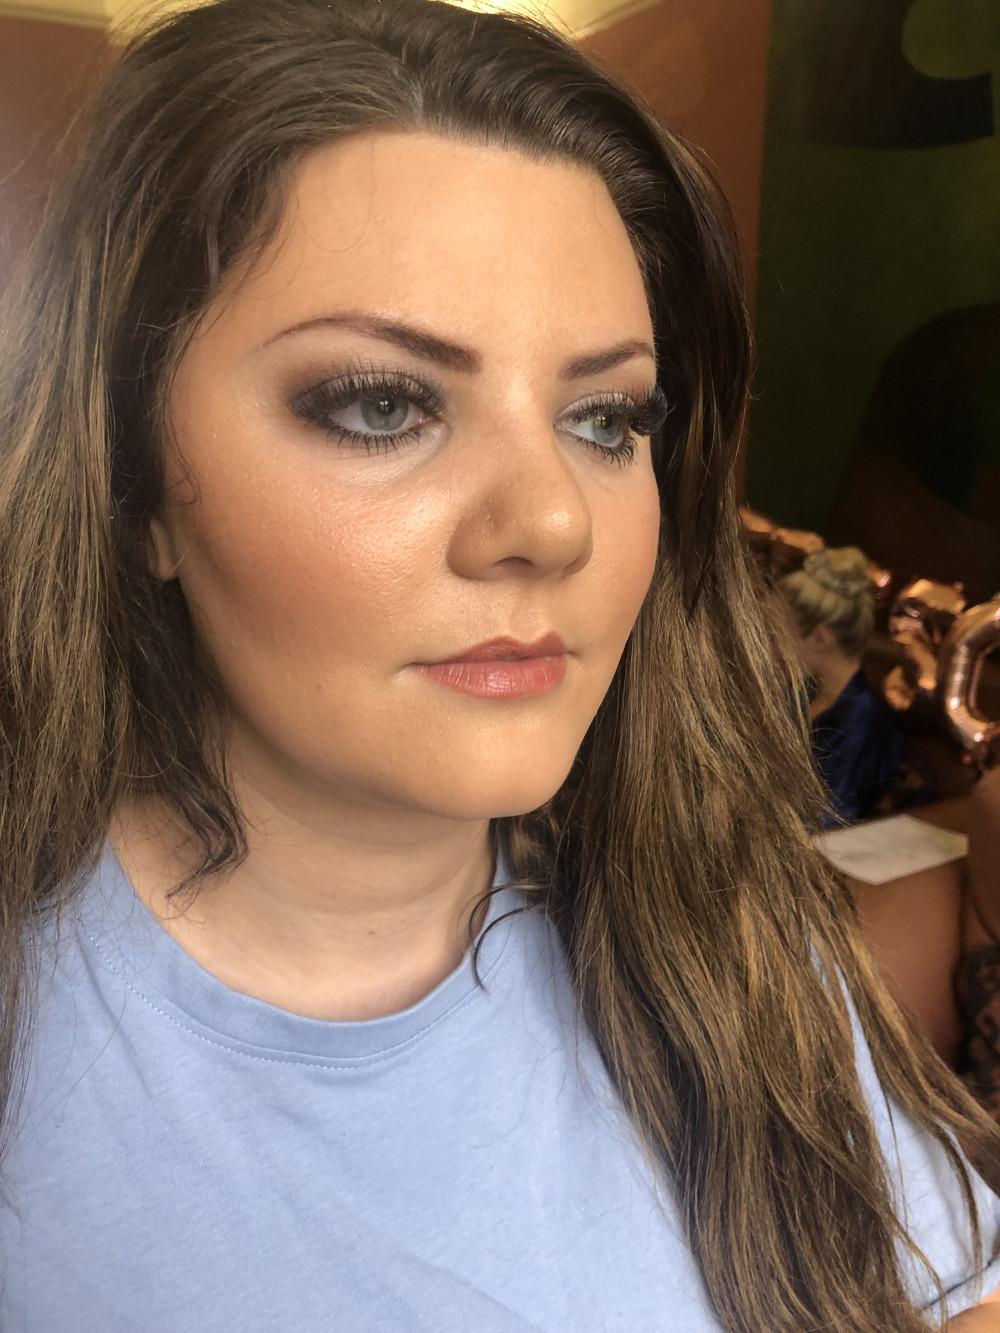 Subtle Smokey eye and gorgeous, glowing skin - Make Me Bridal Artist: Gemma Davey Makeup. #subtlesmokeyeye #glowingskin #freshmakeup